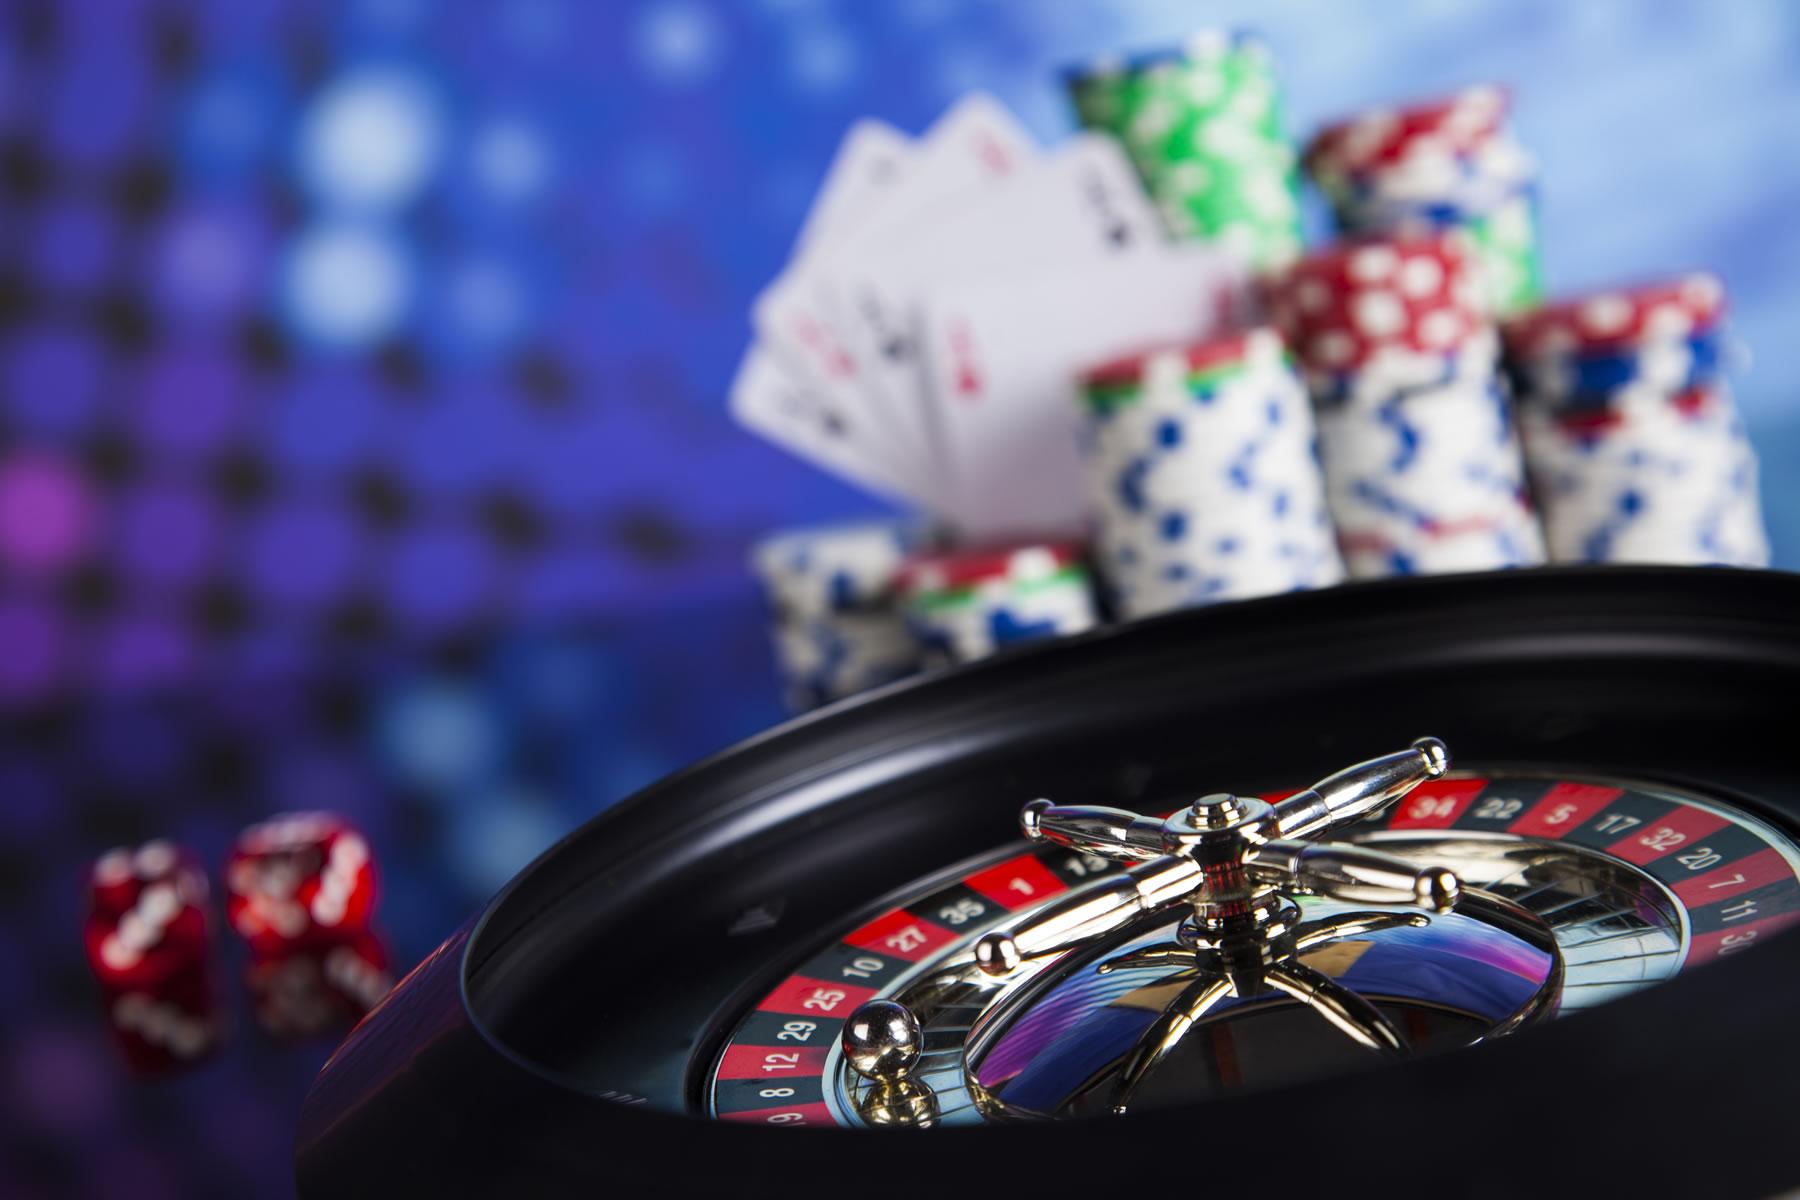 Stap in de wereld van het casino en voel de spanning